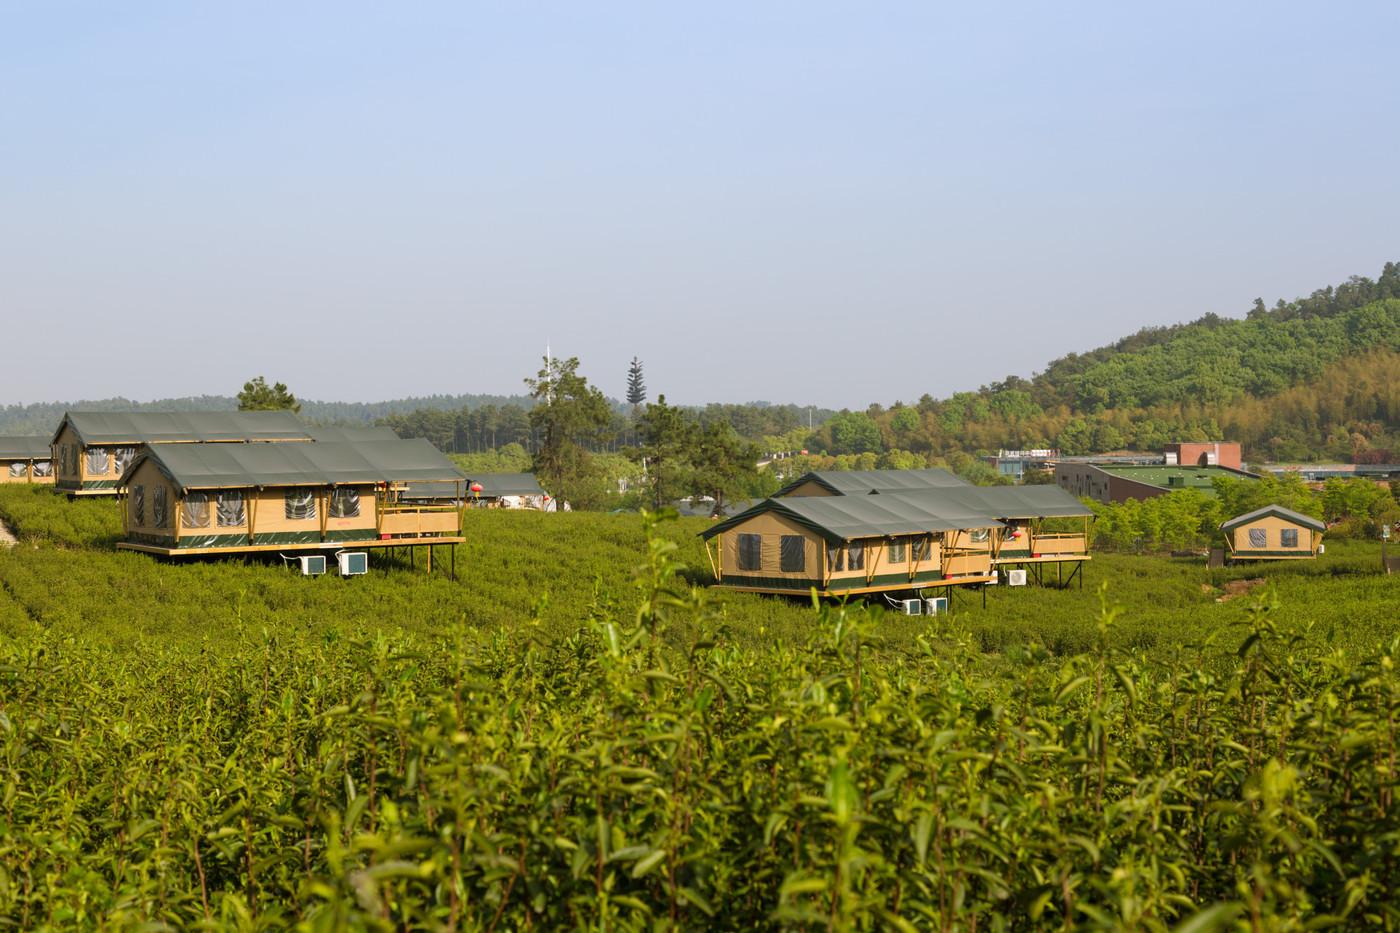 喜马拉雅野奢帐篷酒店—江苏常州茅山宝盛园2期茶田帐篷酒店6